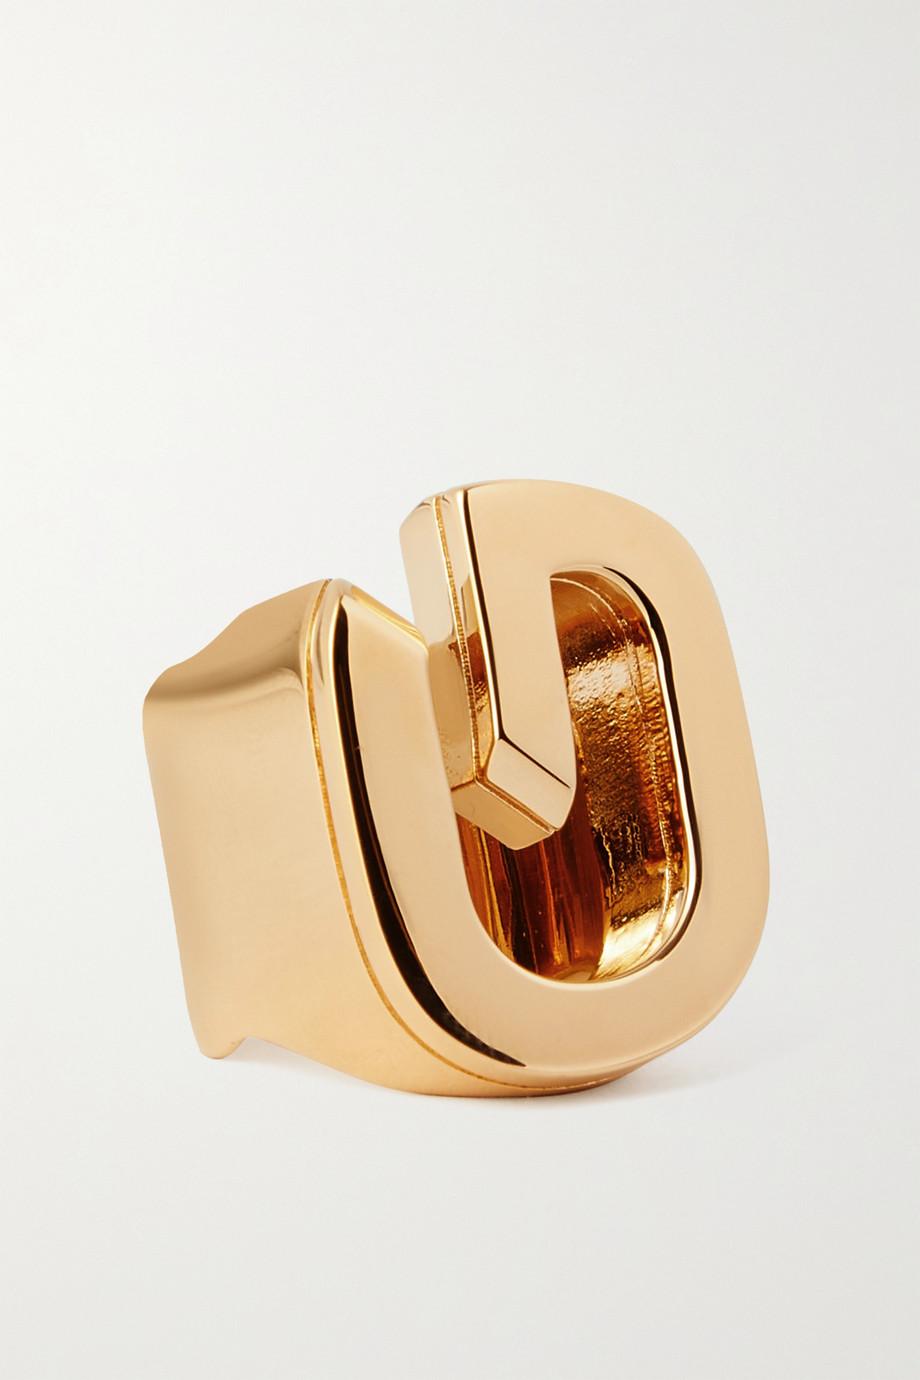 Givenchy Bague en métal doré